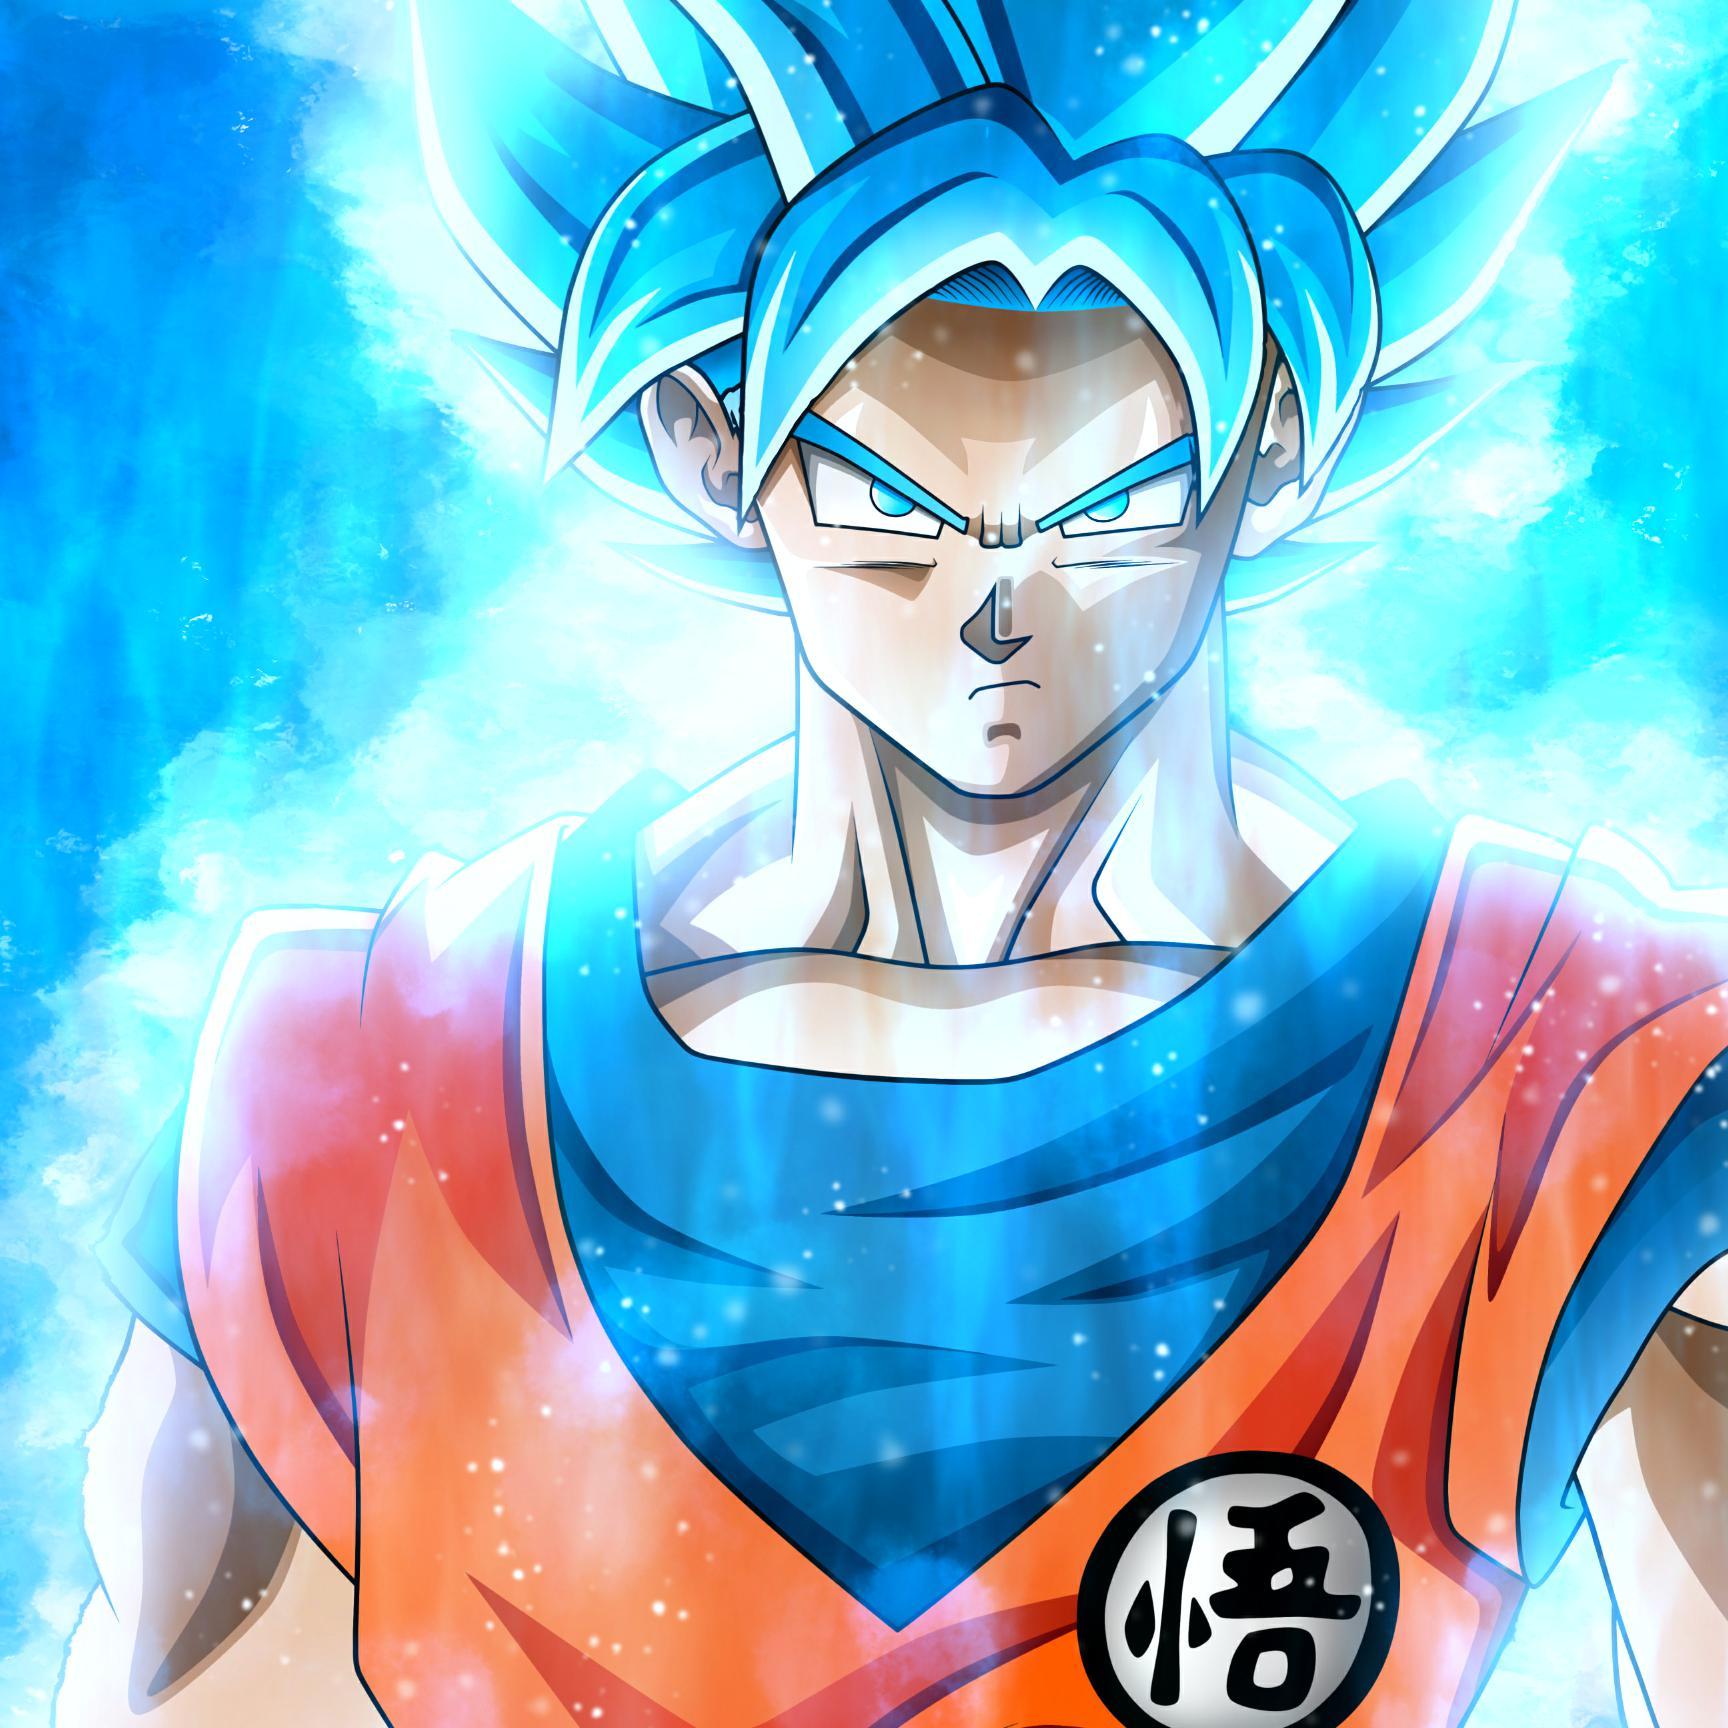 Steam Workshop Goku Super Saiyan God Blue 4k By Zerox